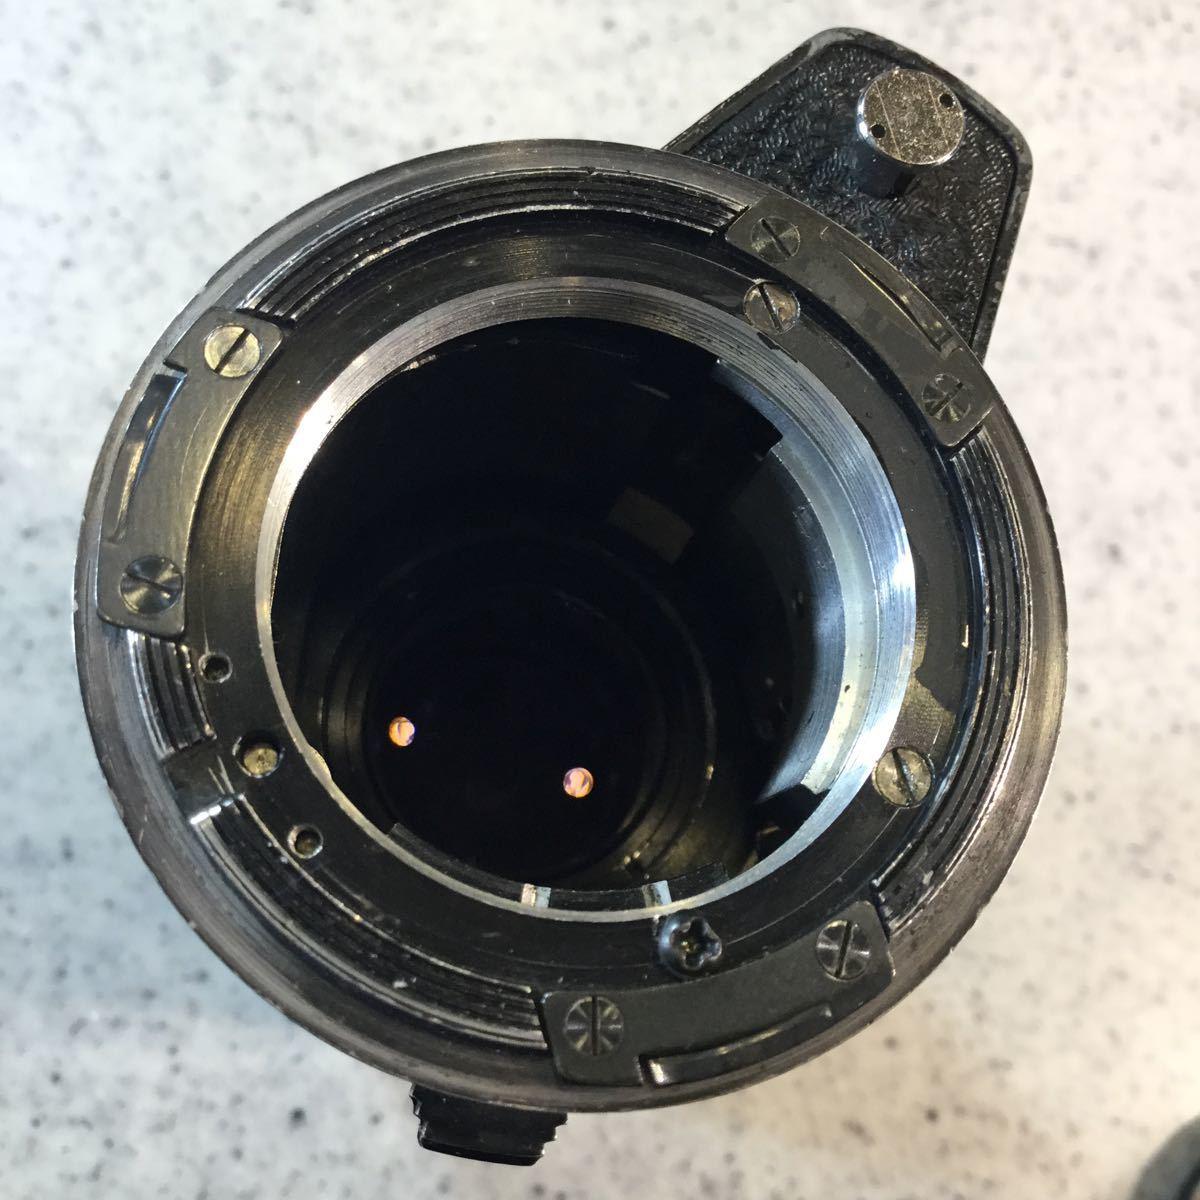 アルパ アンジェニー 180/4.5 ANGENIEUX ALPA 180mm フロントキャップ付_画像7